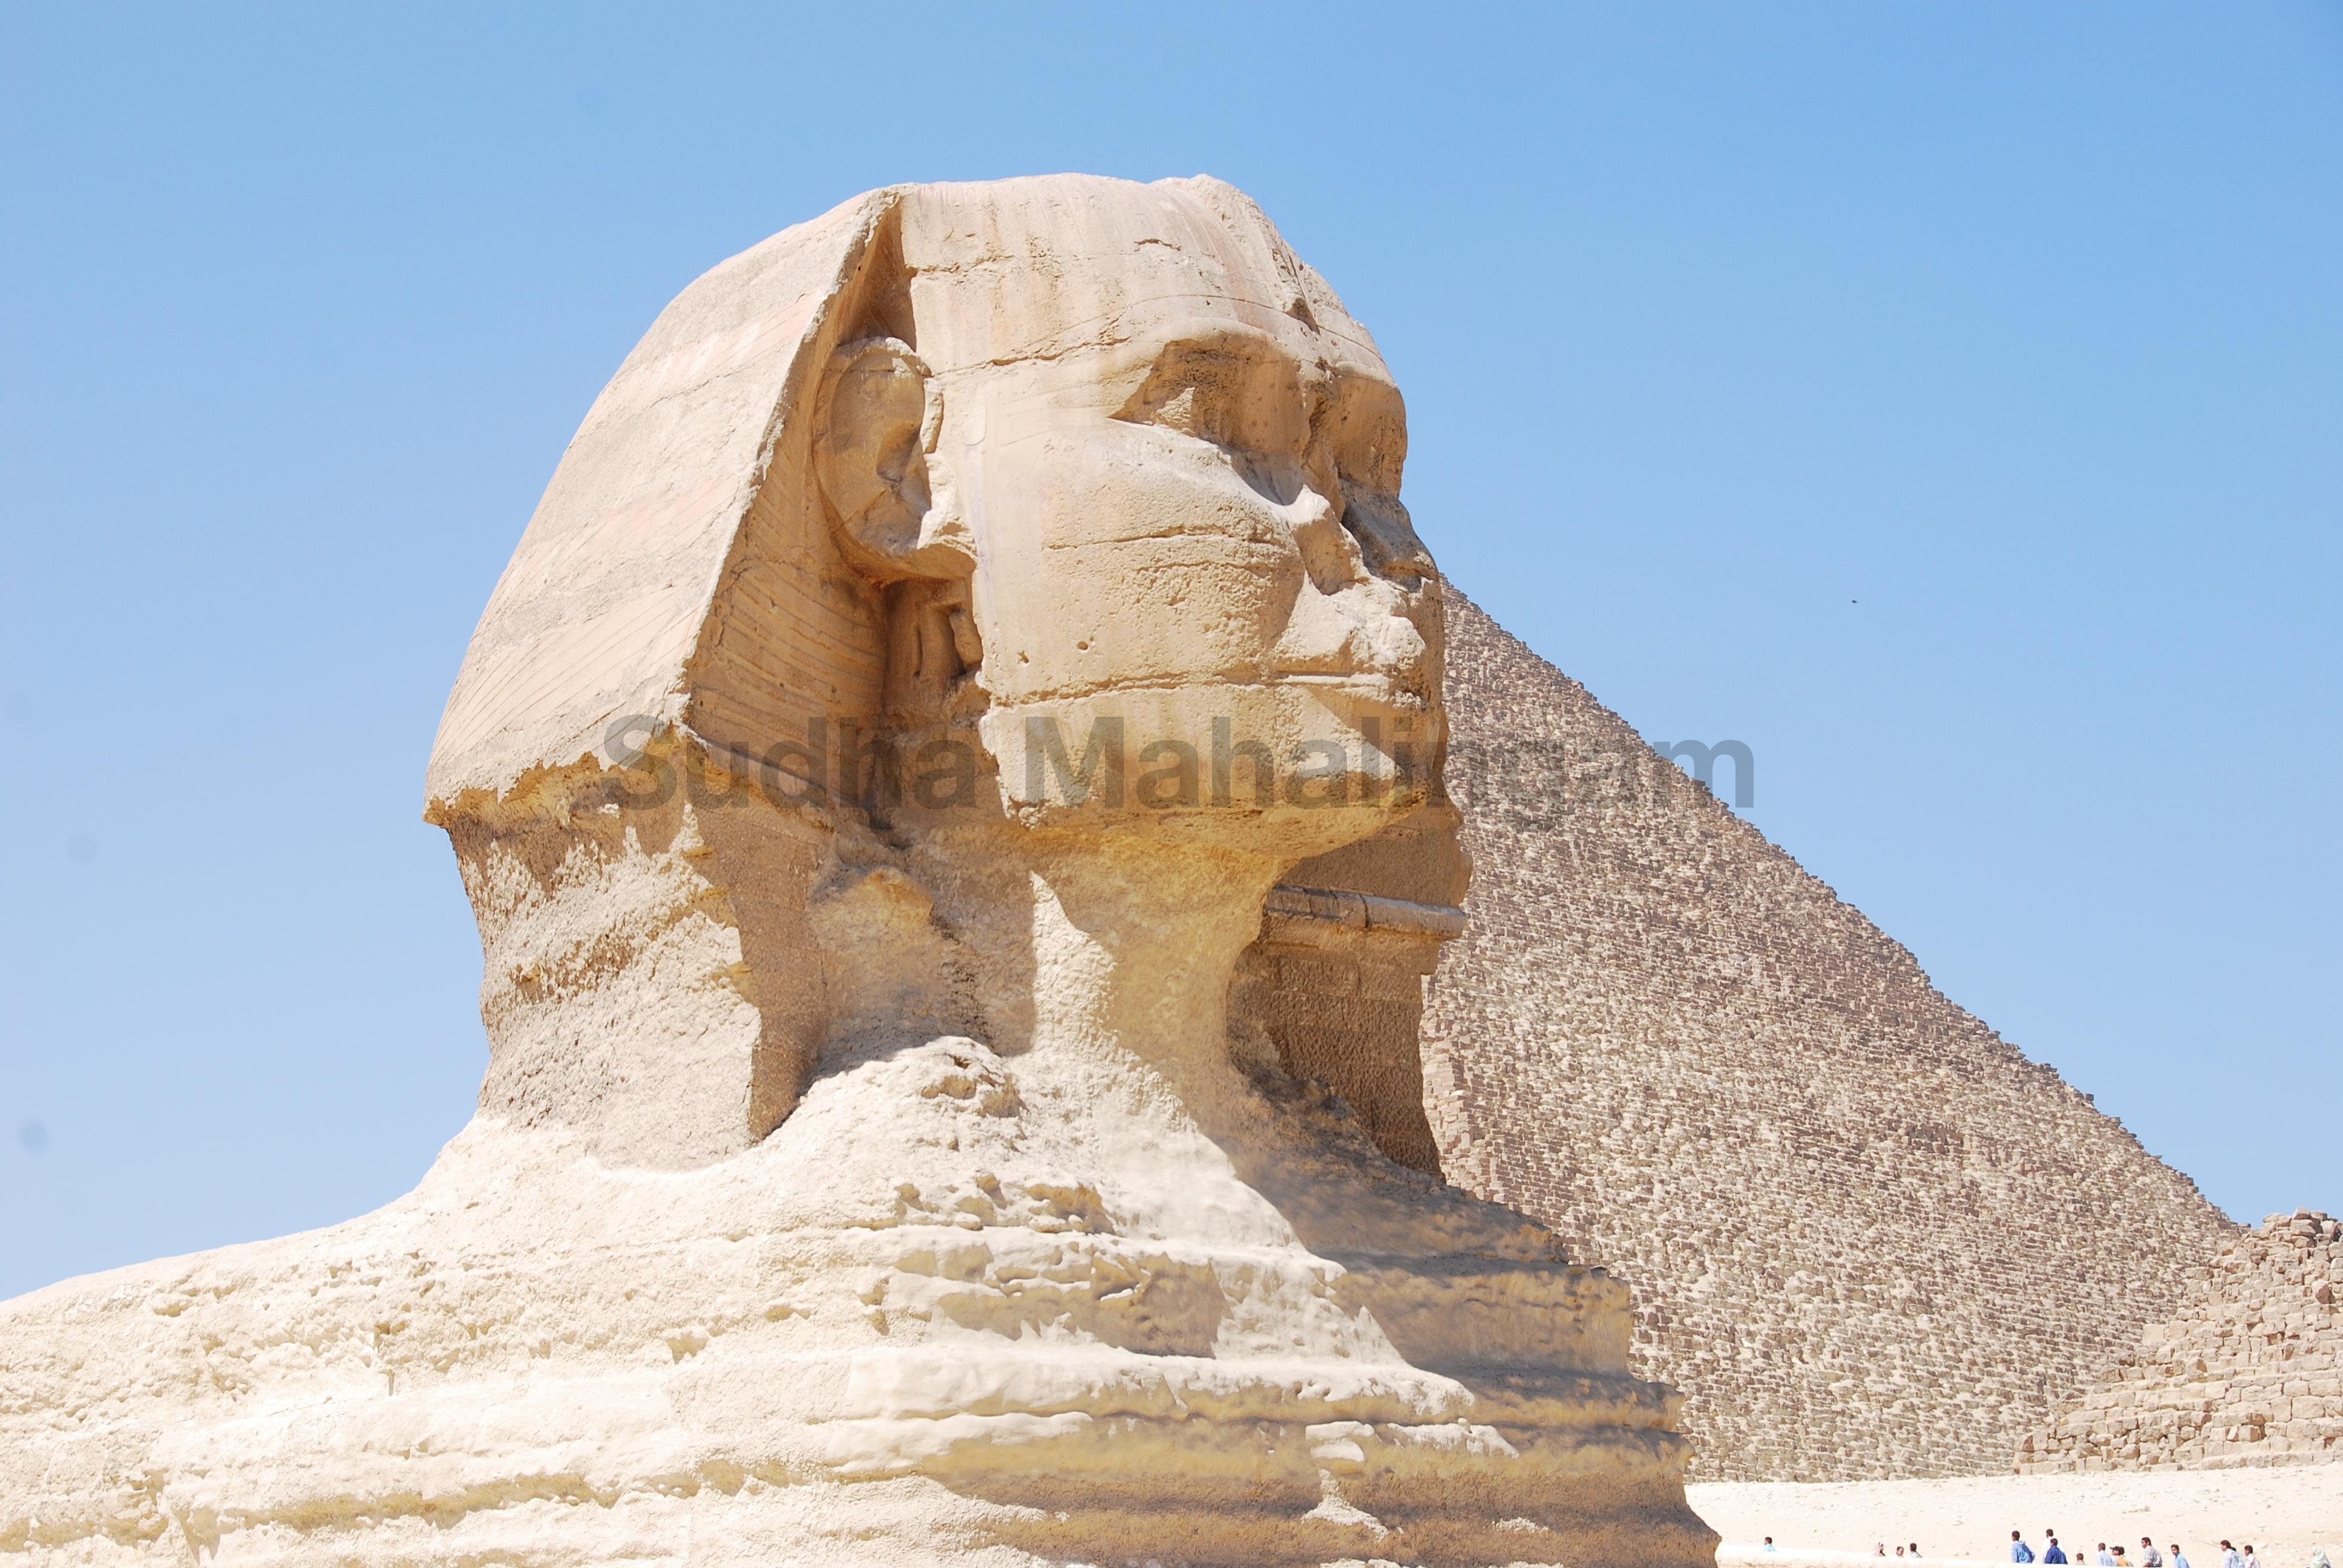 Egypt – Treasures of the Desert (2008)